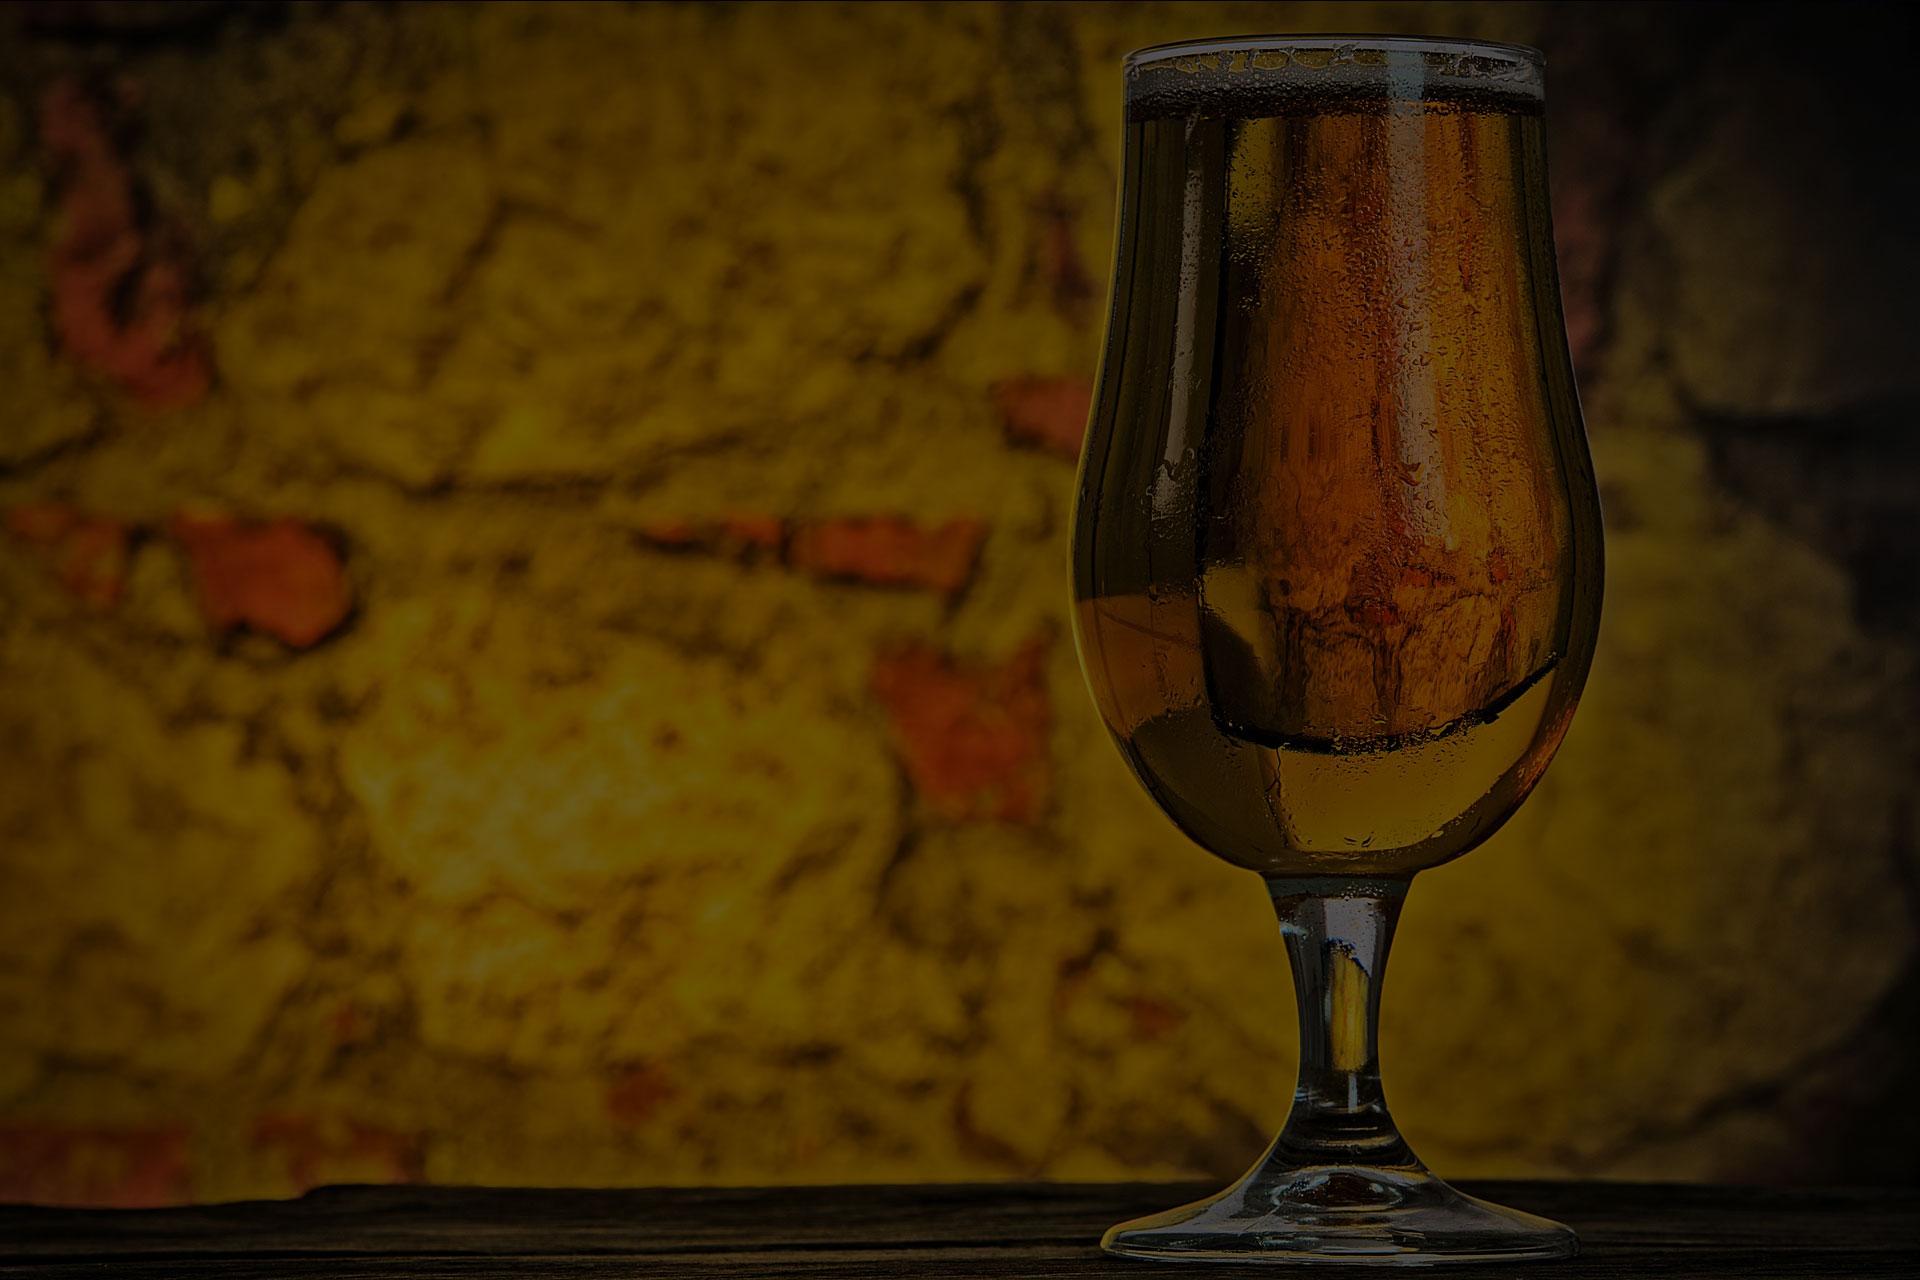 A glass of pint alchohal bar